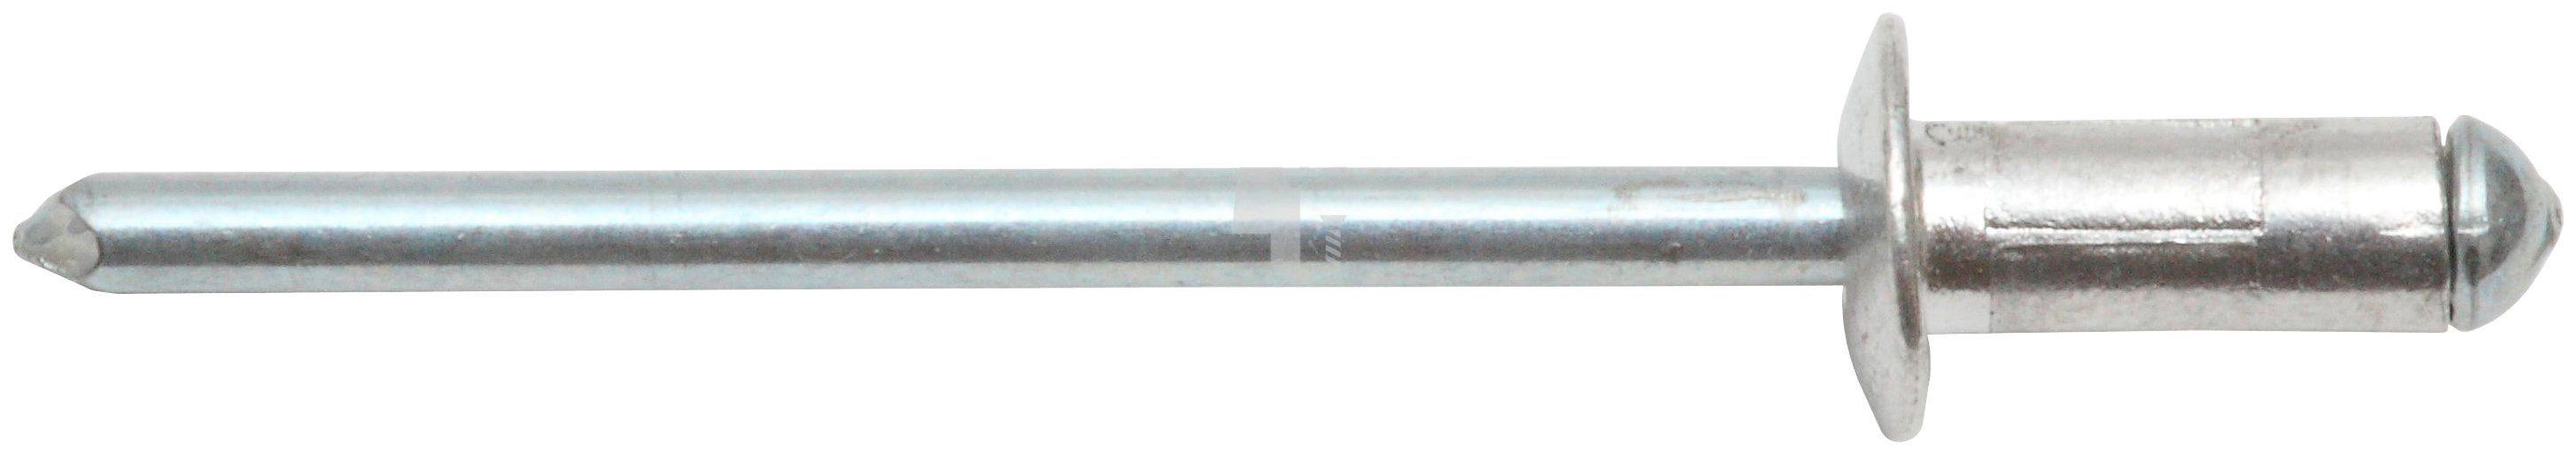 RAMSES Blindnieten , 4 x 14 mm Alu/Stahl 500 Stück